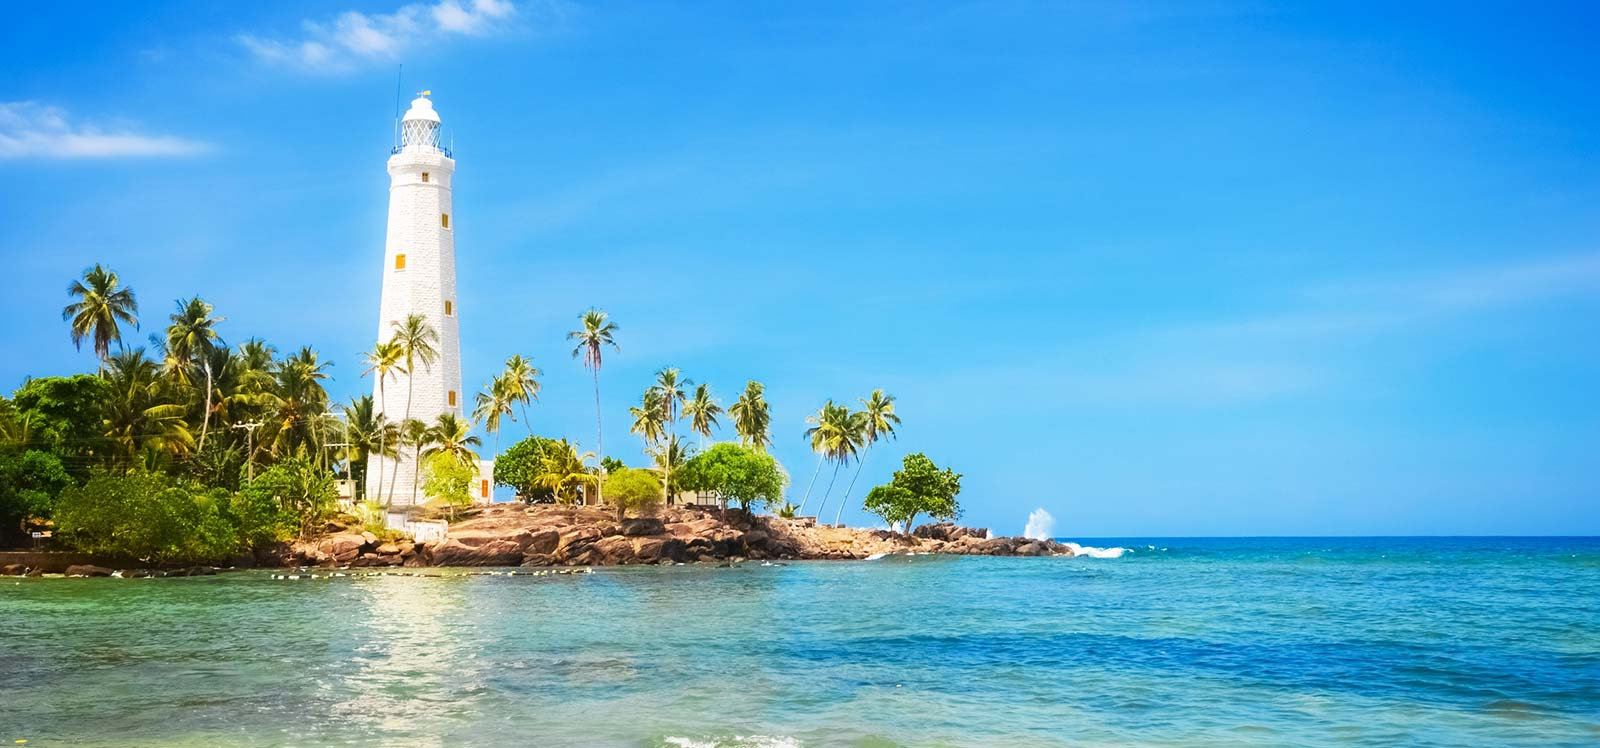 Grand Tour of Sri Lanka